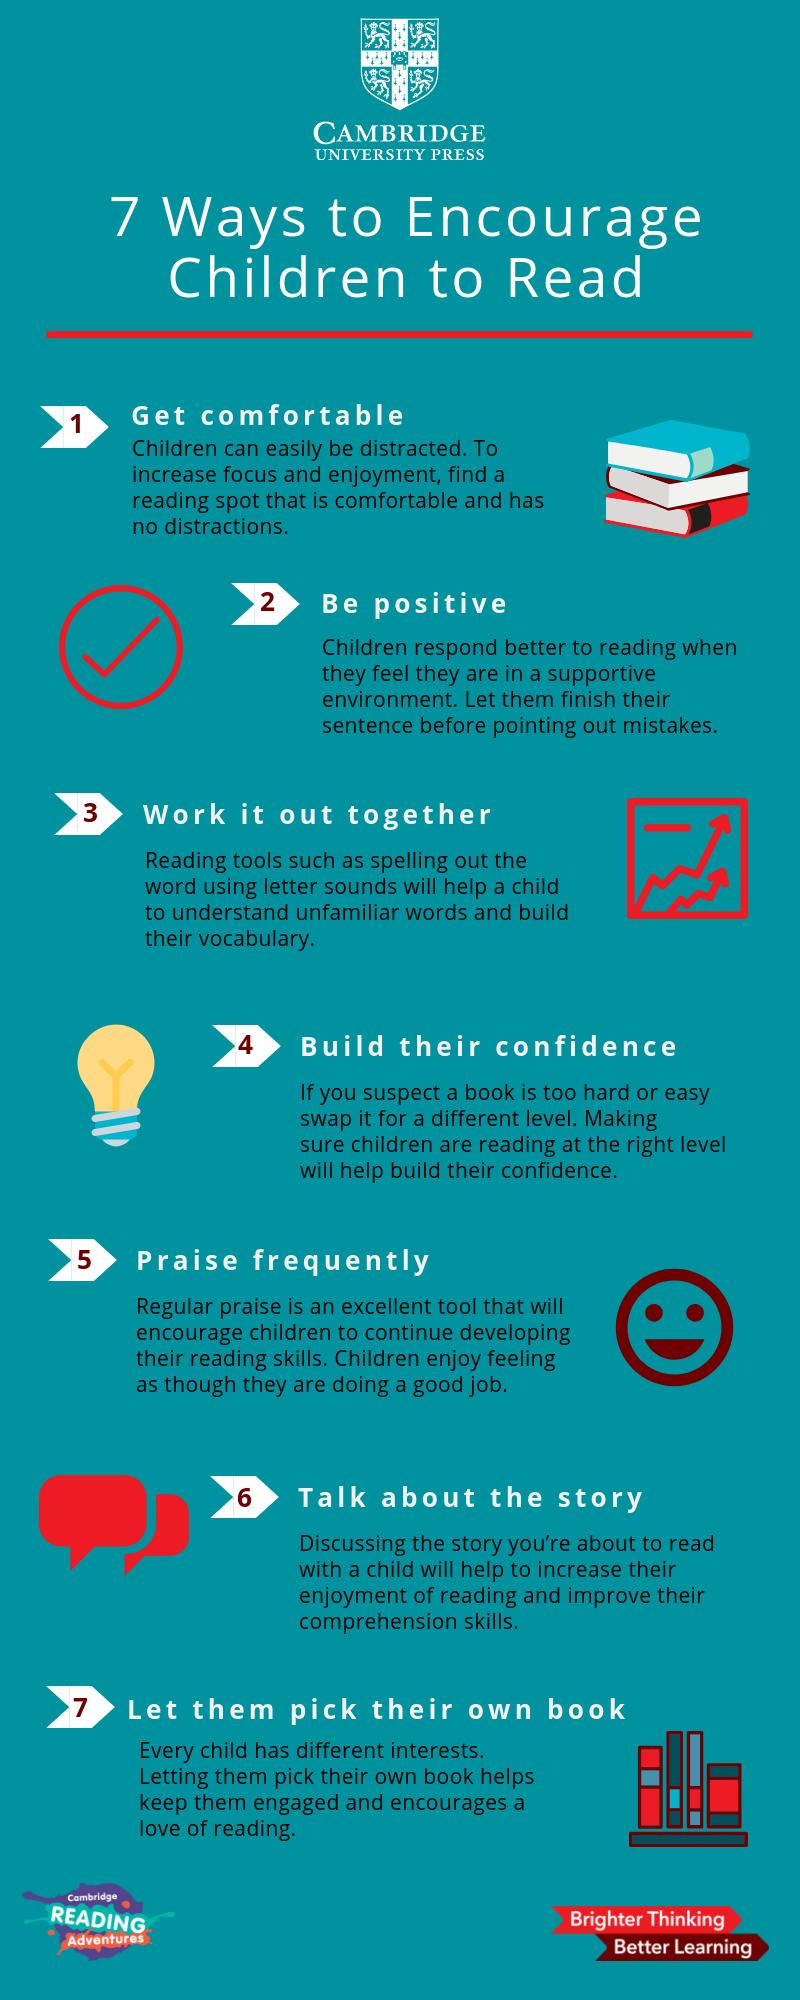 encourage children to read